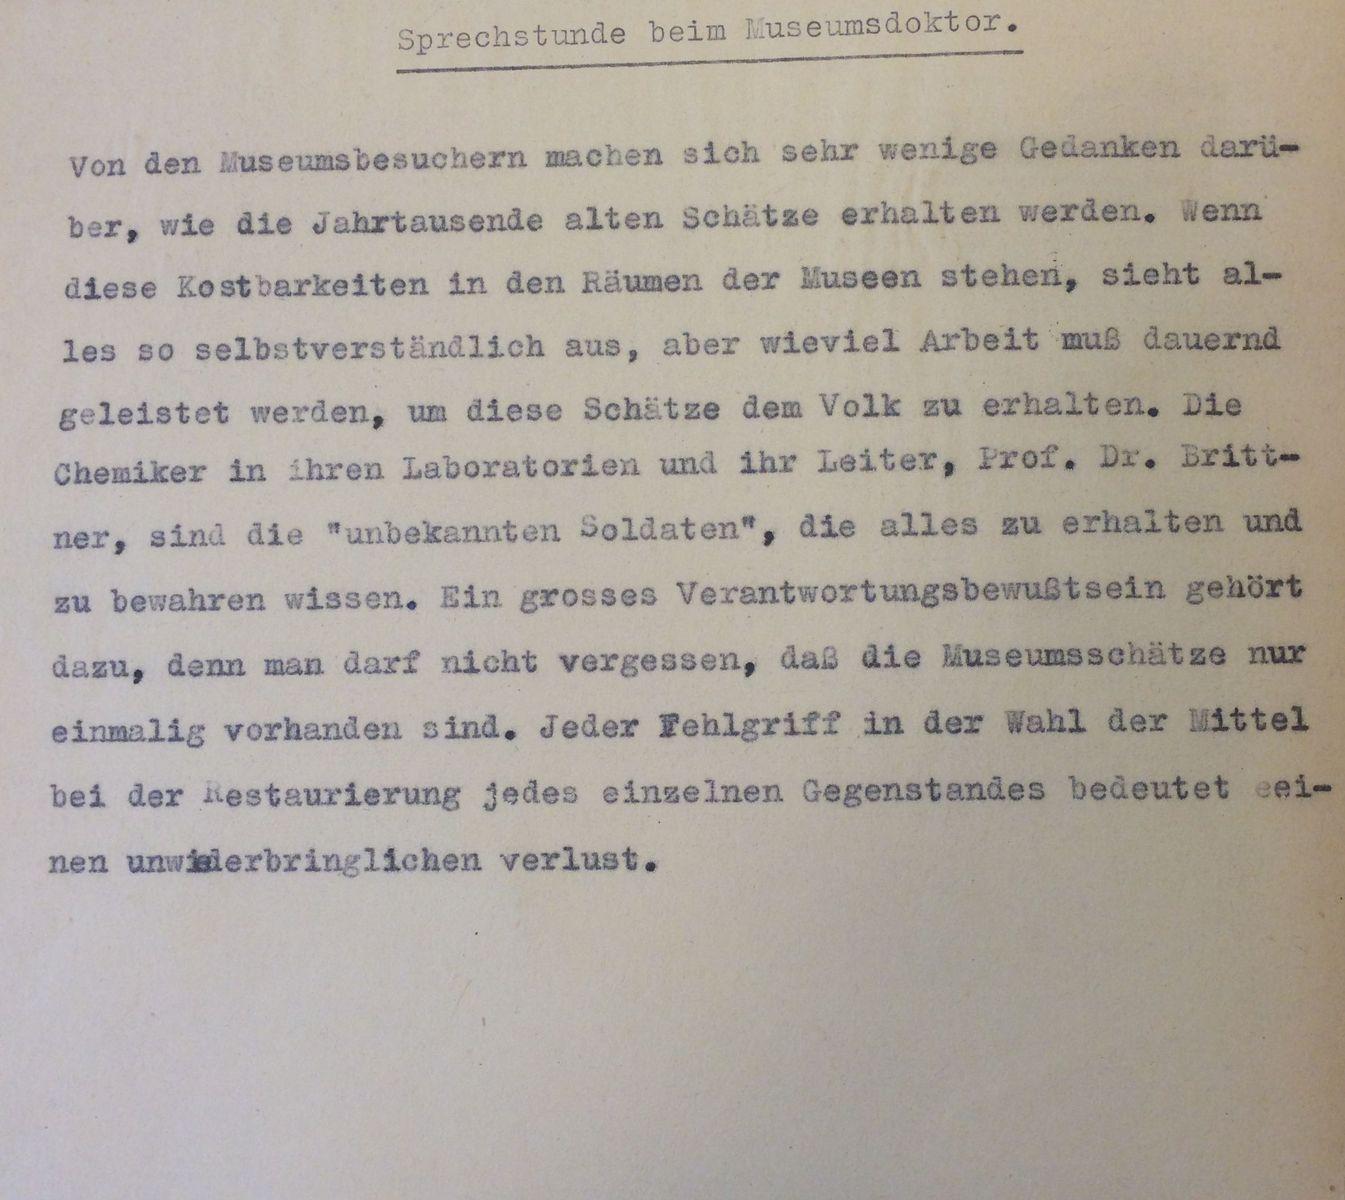 (c) Staatliche Museen zu Berlin, Rathgen-Forschungslabor